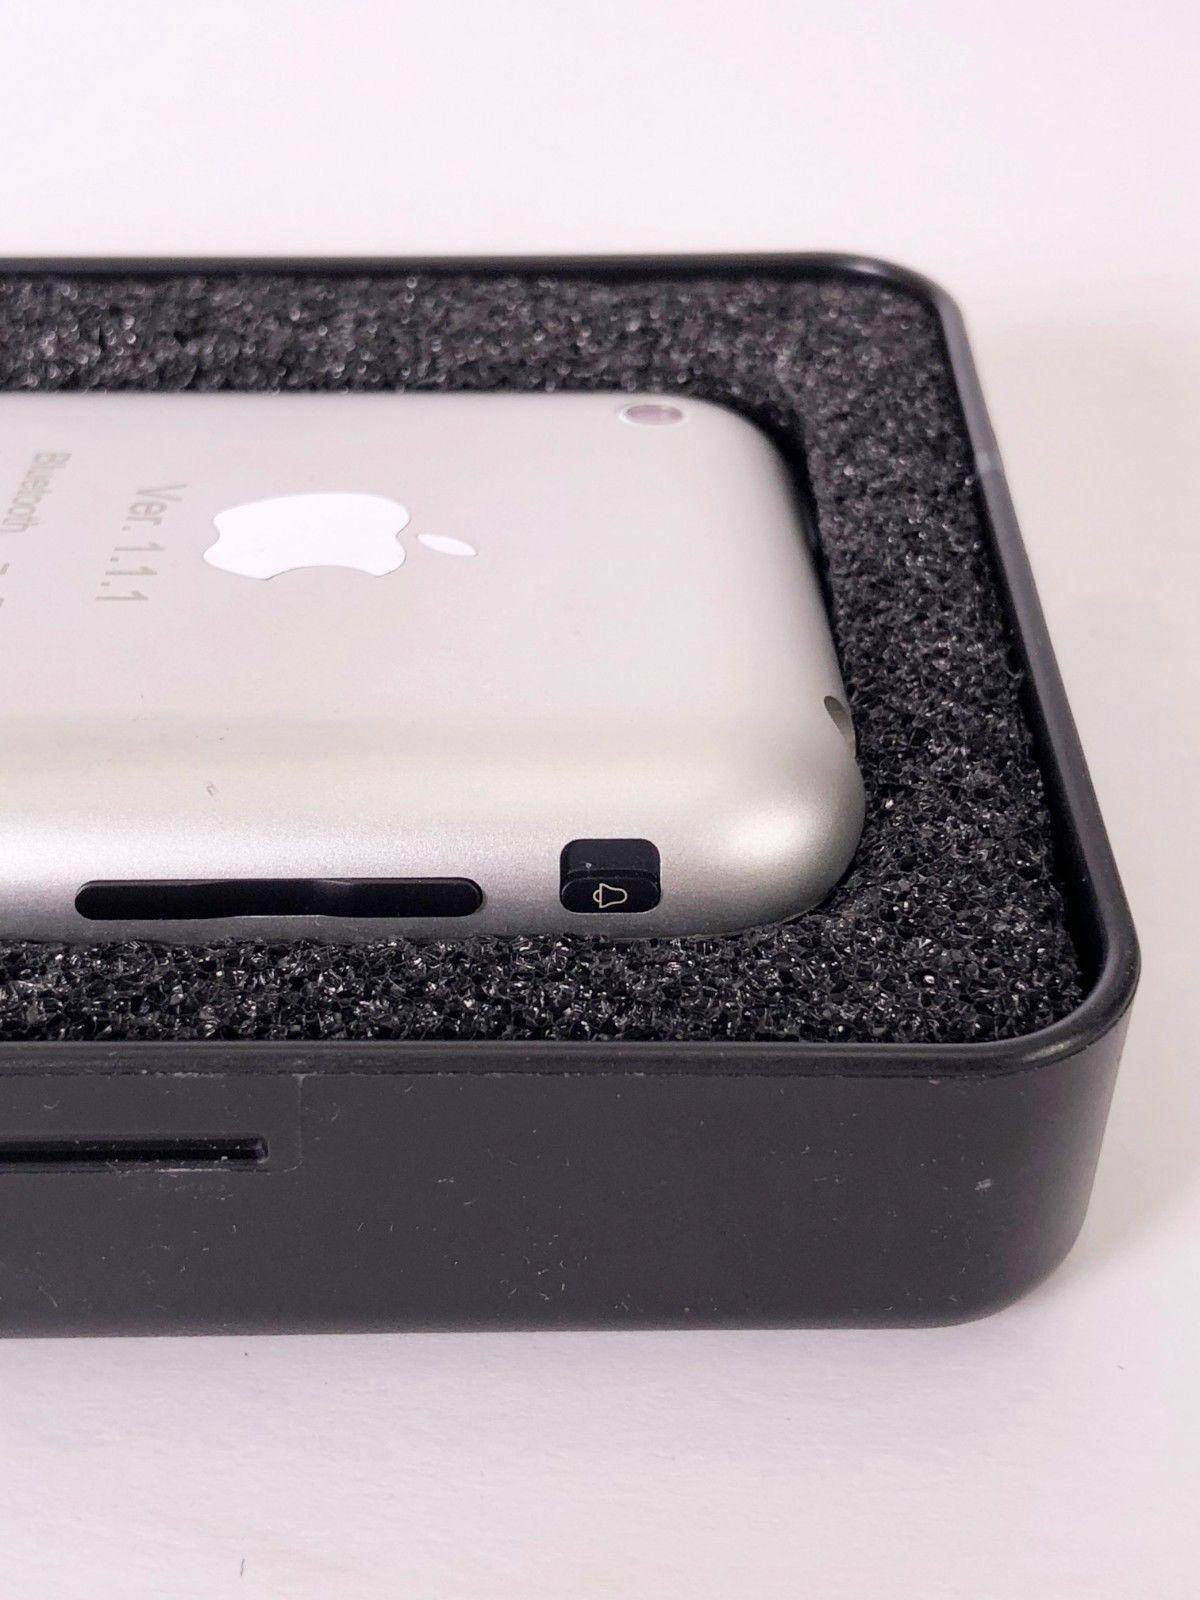 Prototipo del iPhone original en el año 2006